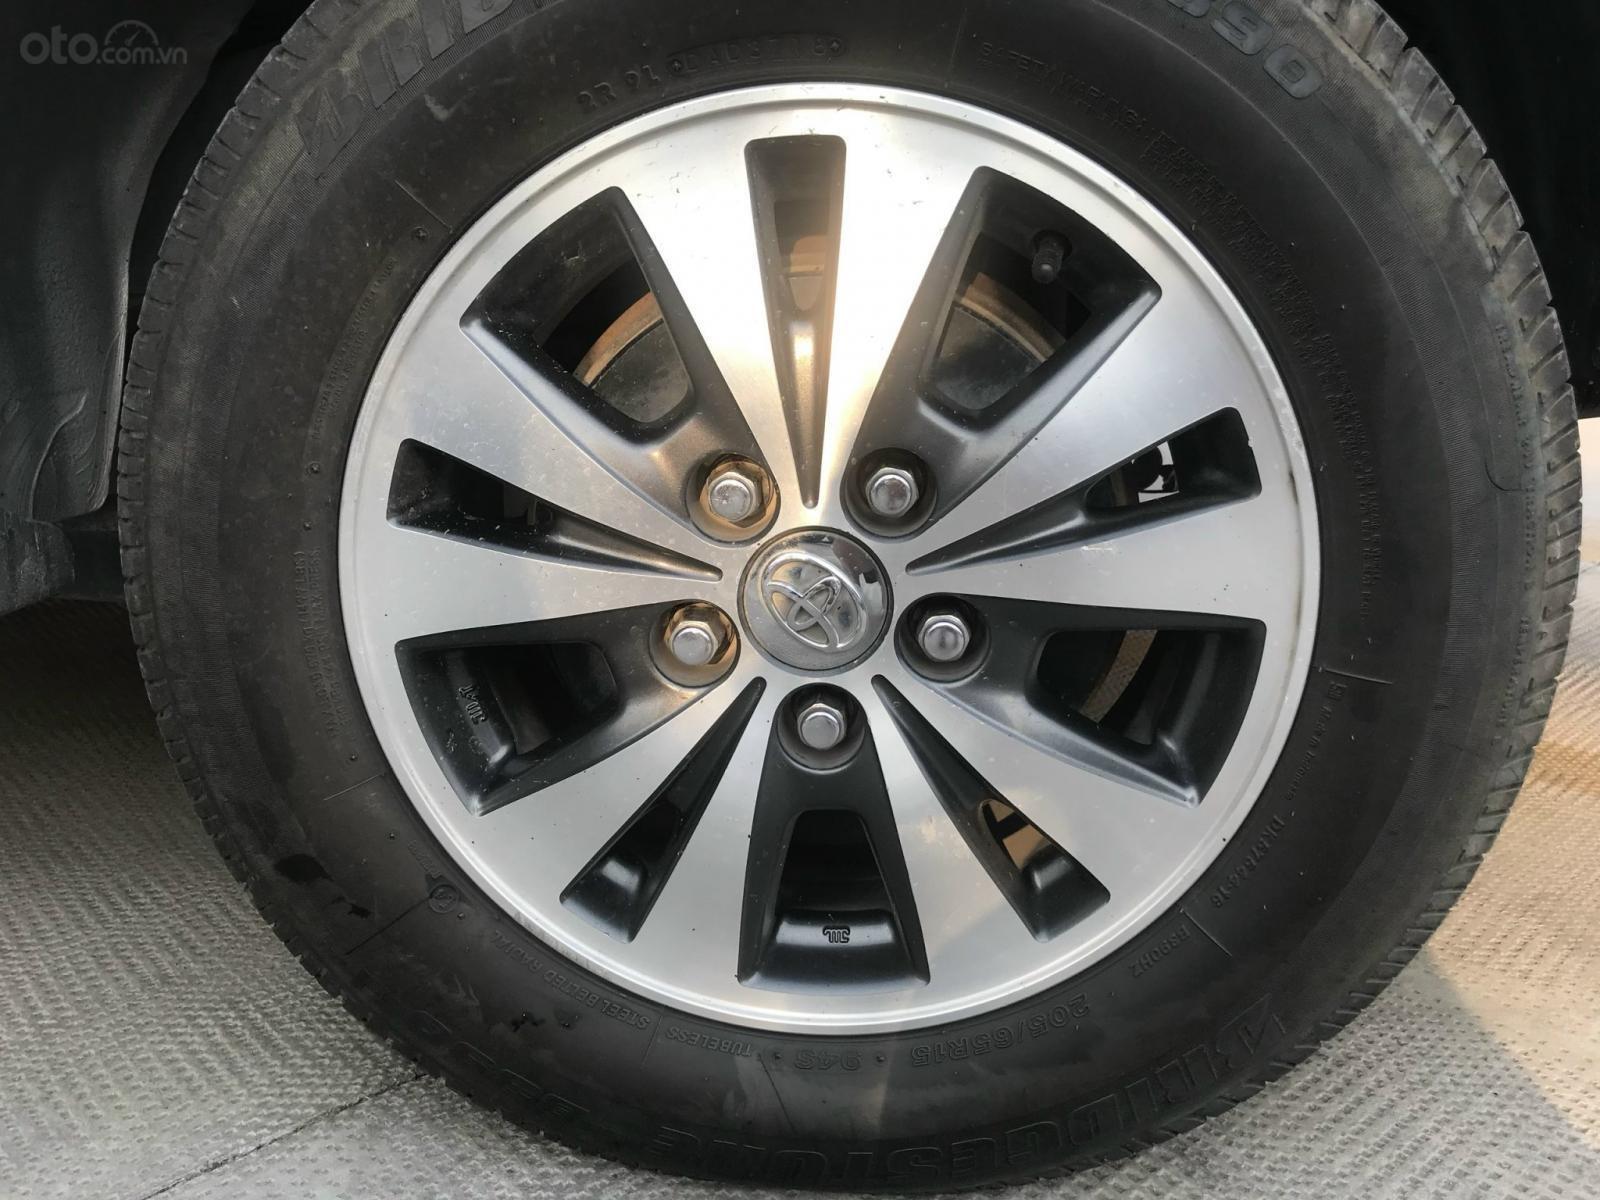 Bán Toyota Innova số sàn 2015 - xe qua sử dụng đã kiểm định chất lượng (4)